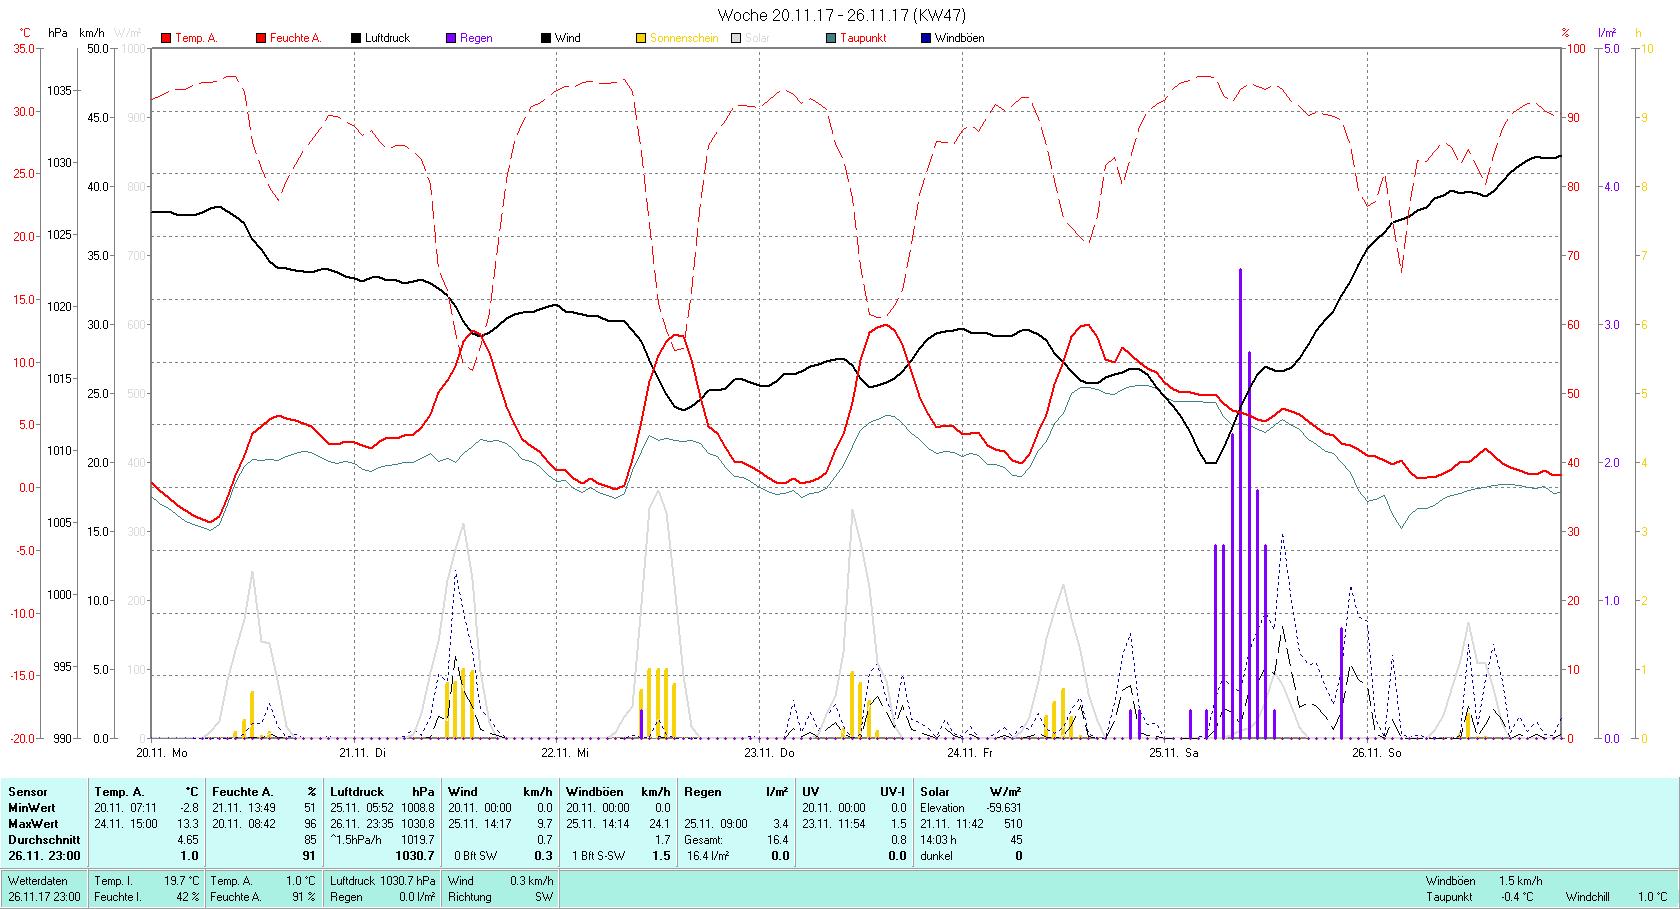 KW 47 Tmin -2.8°C, Tmax 13.3°C, Sonne 14:03 h Niederschlag 16.4 mm2